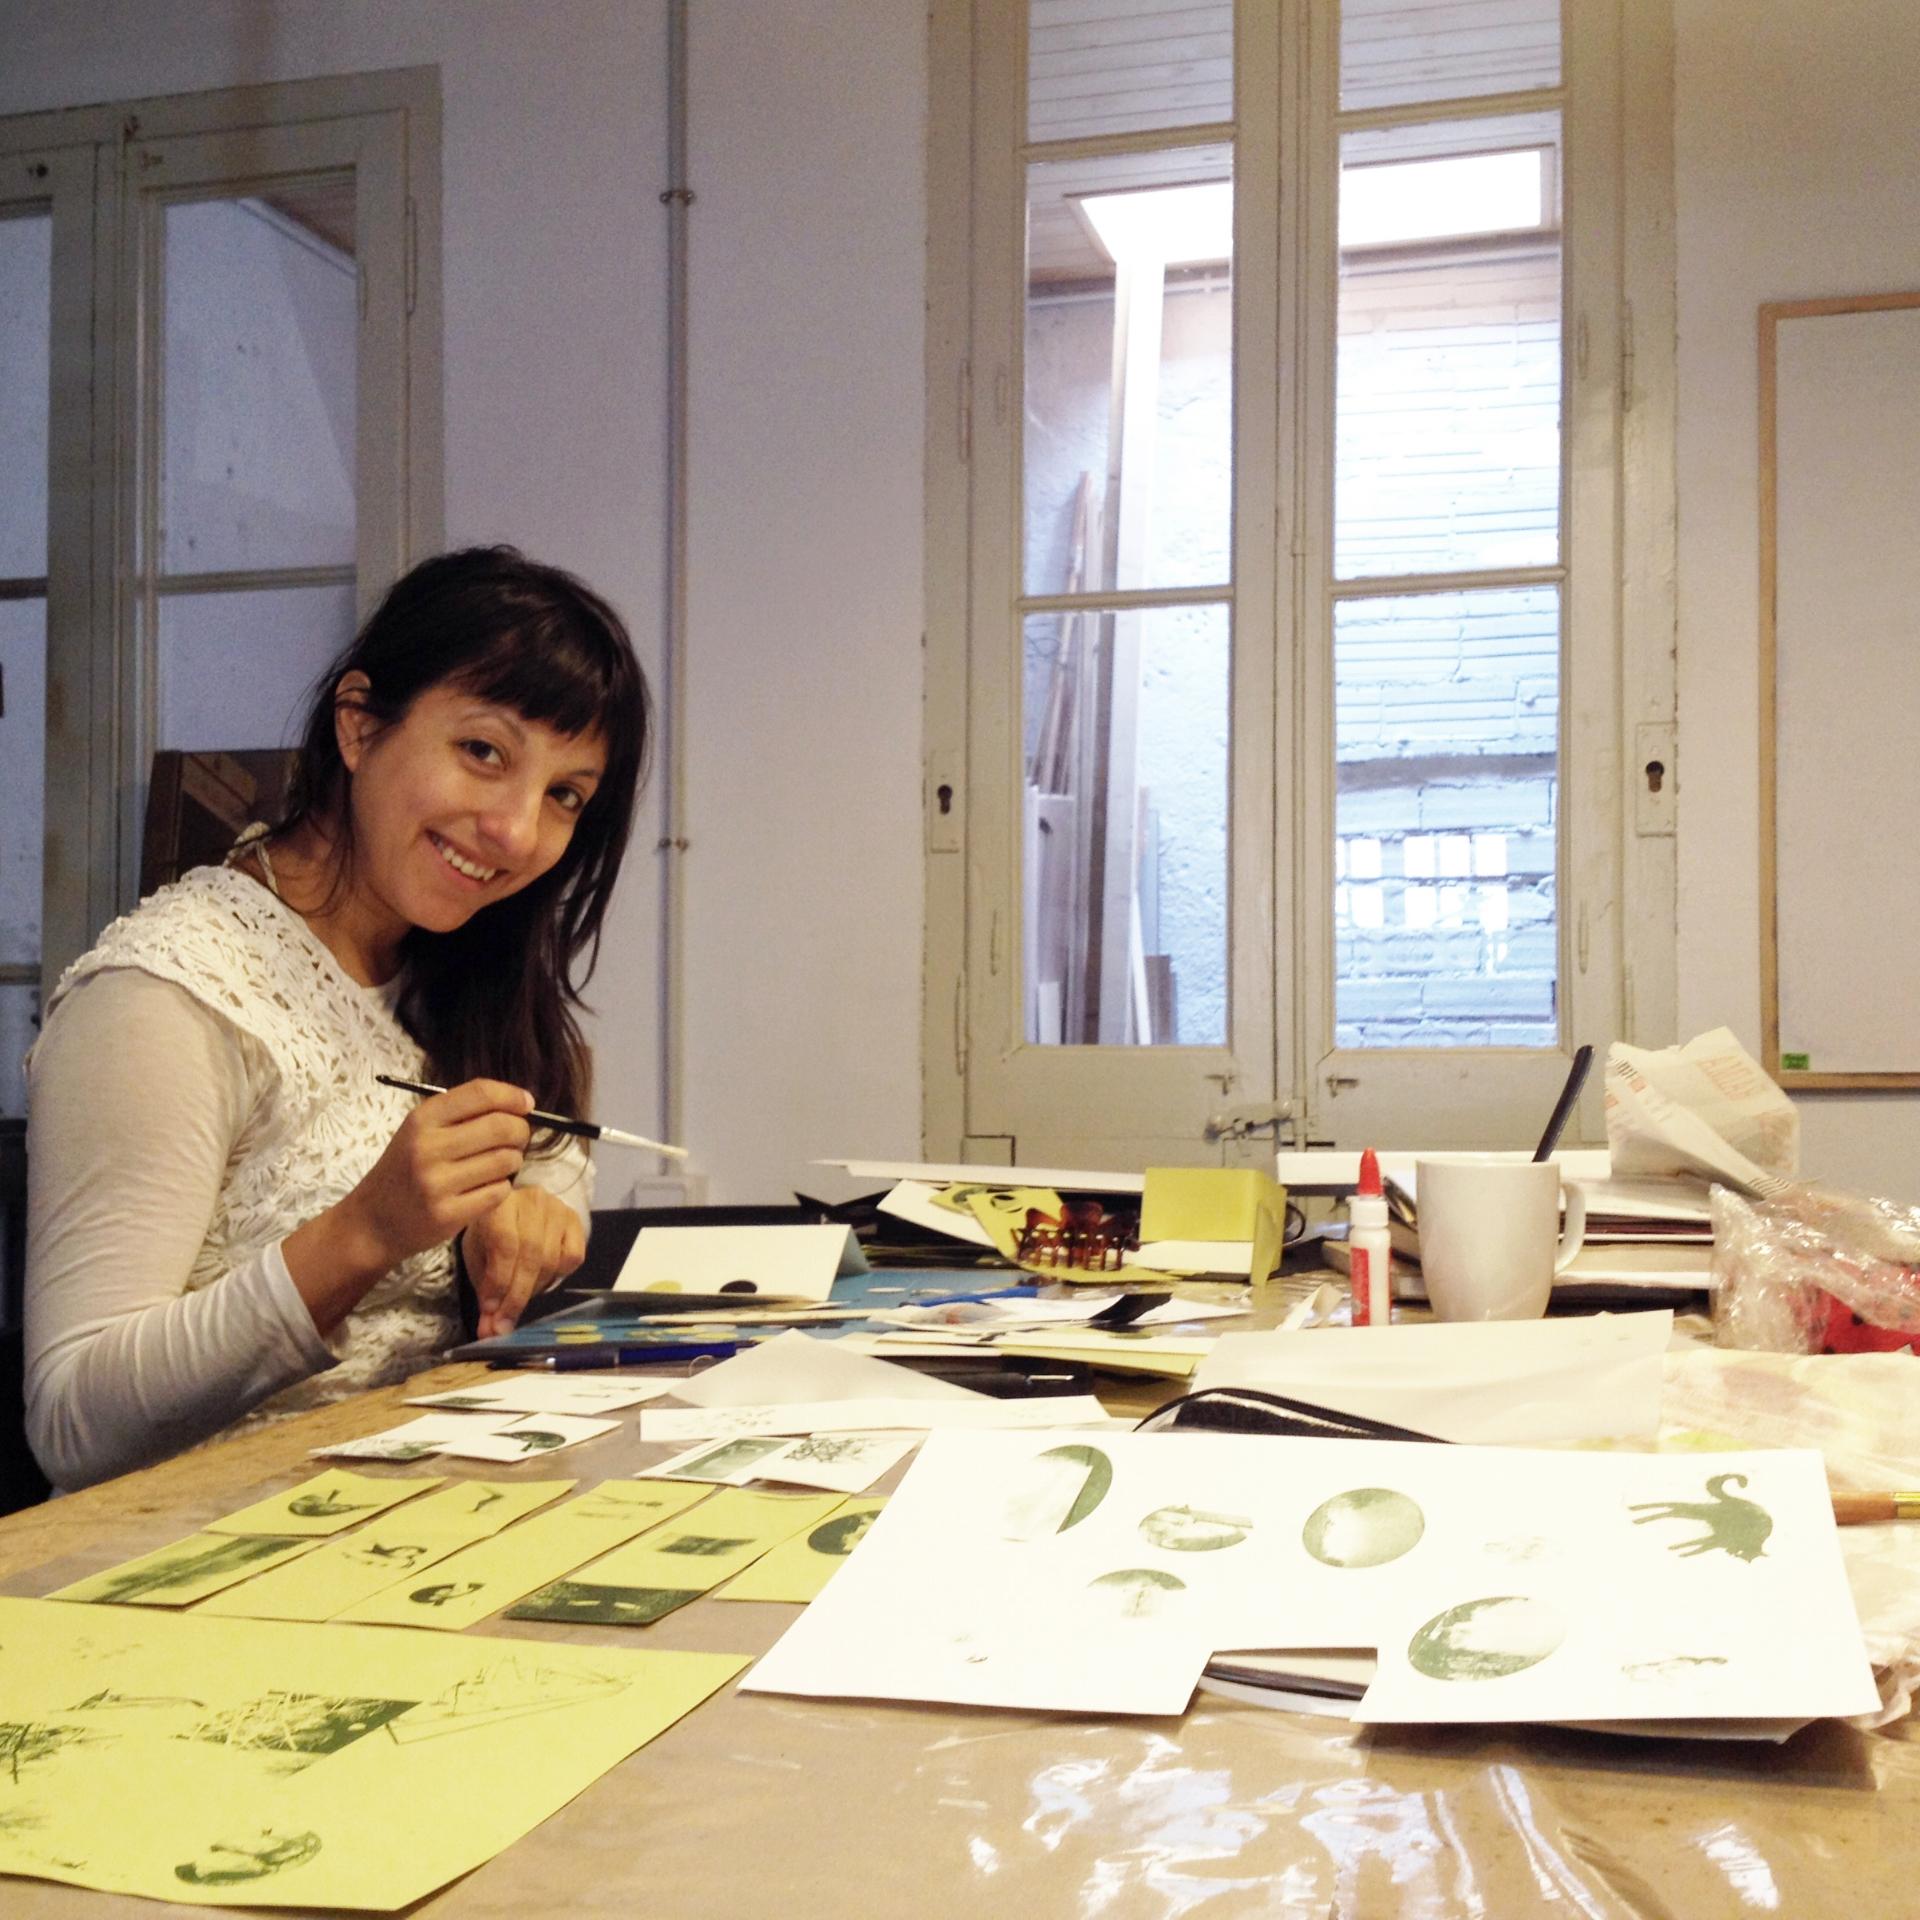 claudia blin garden coworking atelier.jpg